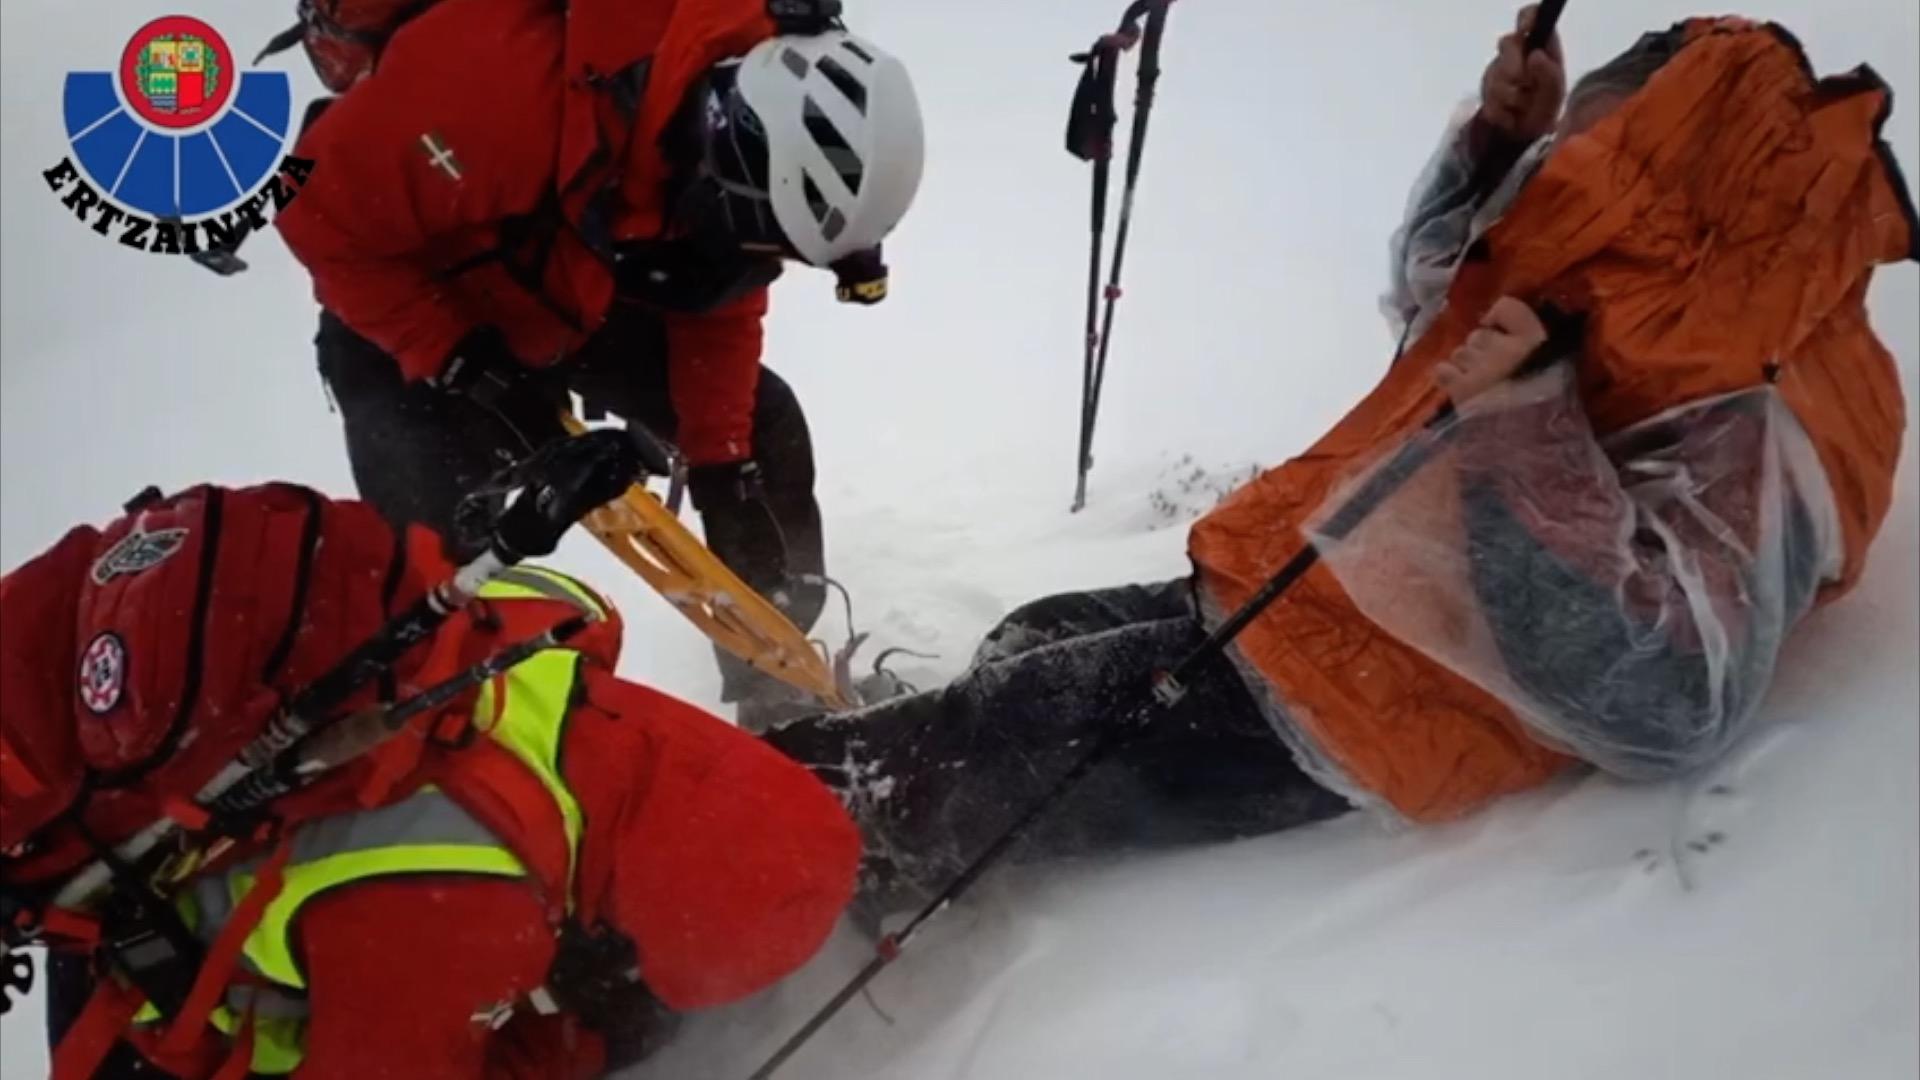 La Unidad de Vigilancia Rescate ayuda a bajar a un montañero perdido en el monte Gorbea [1:17]